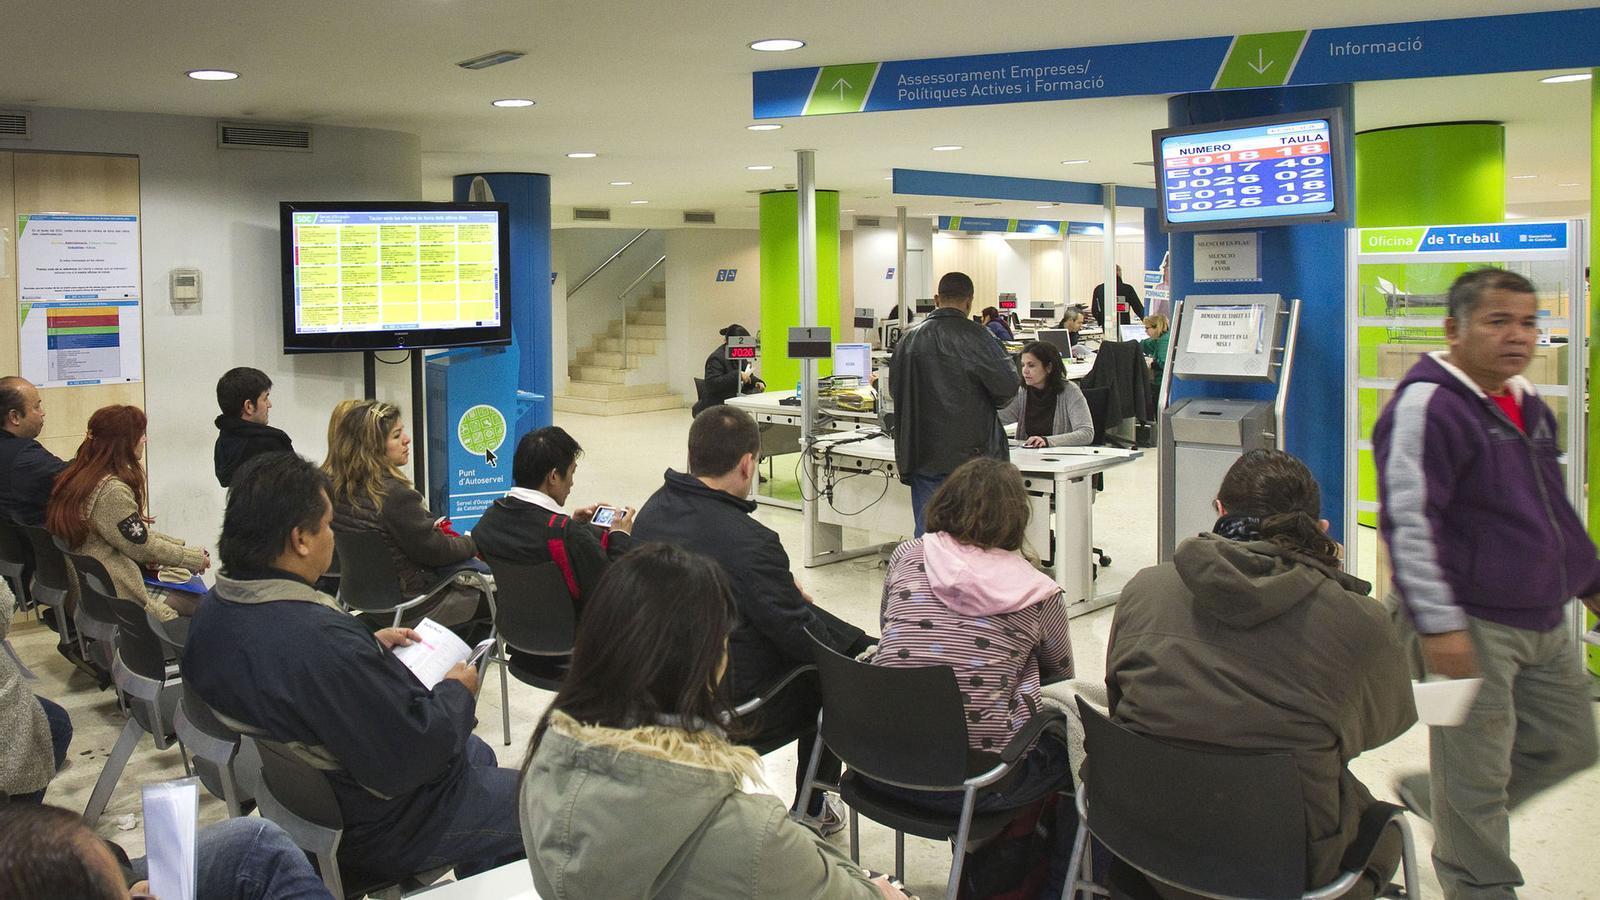 La generalitat destinar 332 milions a atendre aturats un for Oficinas soc barcelona